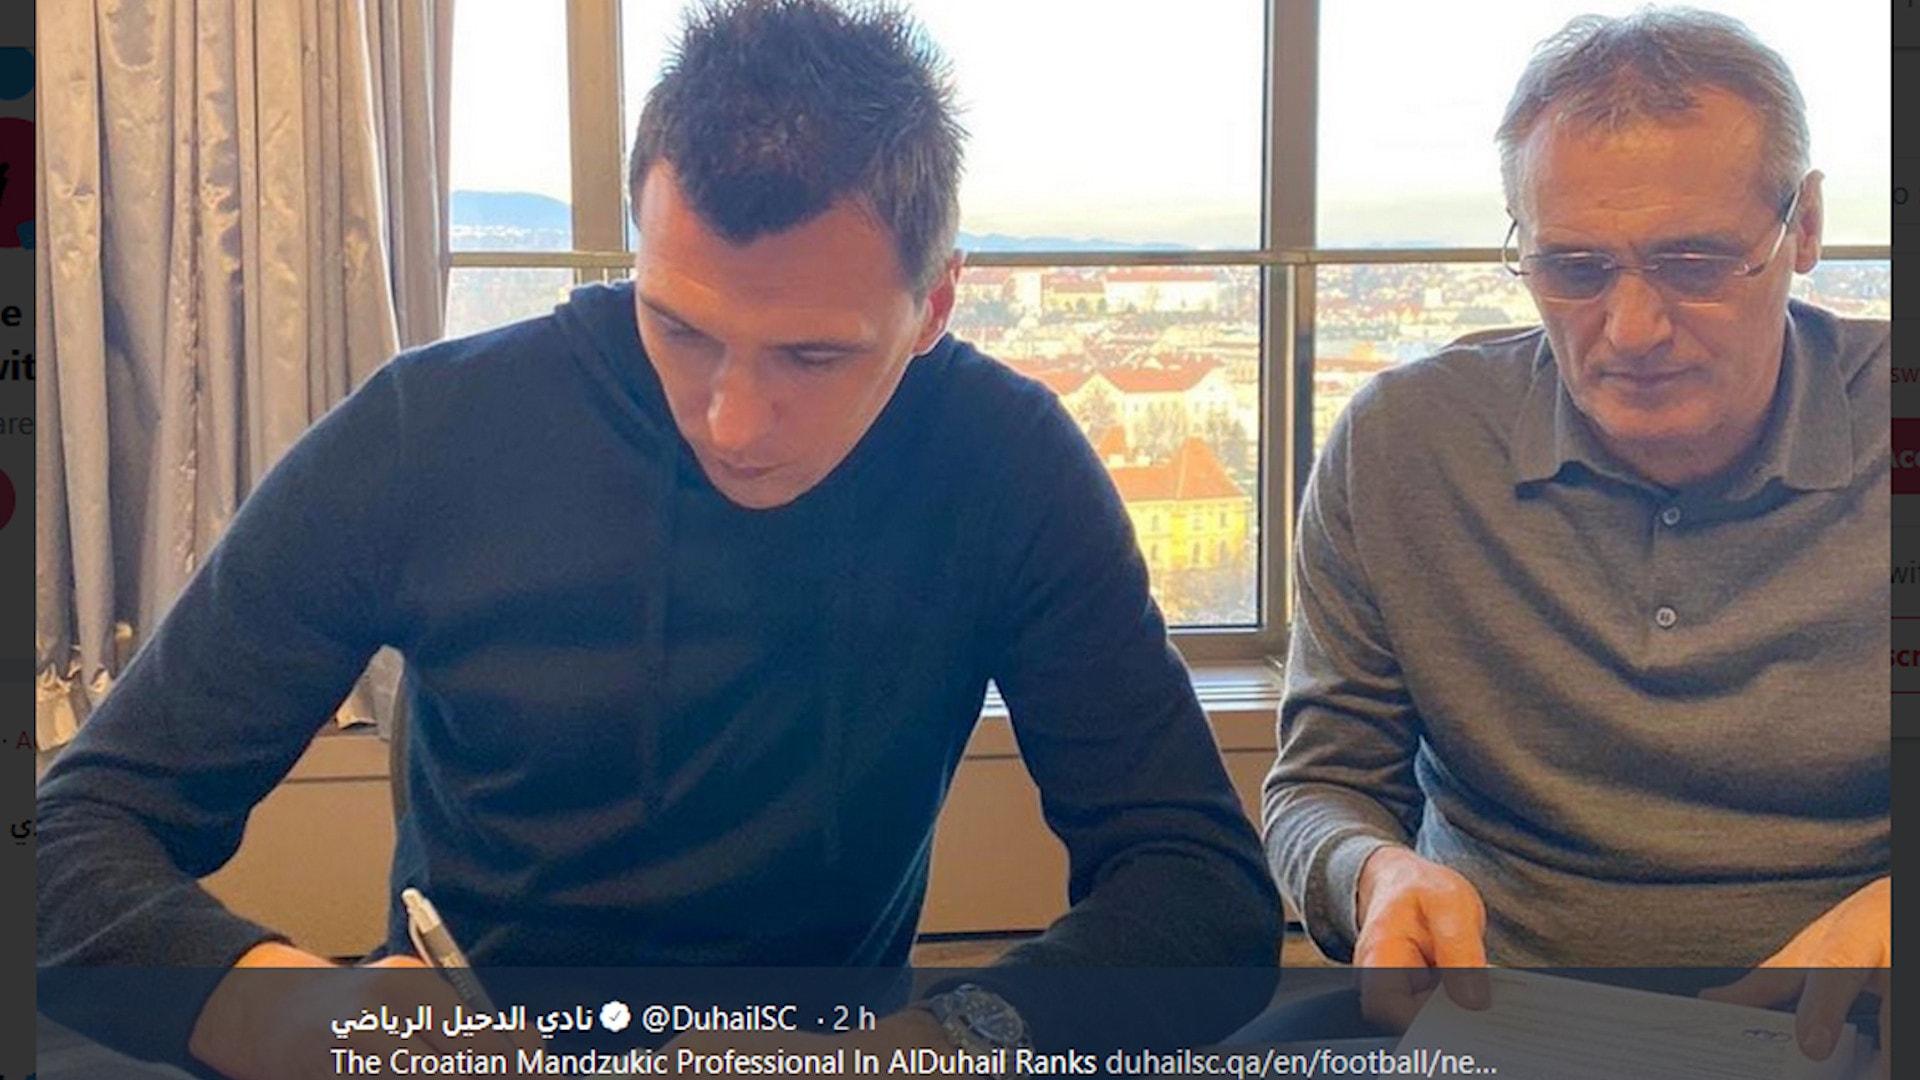 Ufficiale: Mandzukic lascia la Juve e vola in Qatar